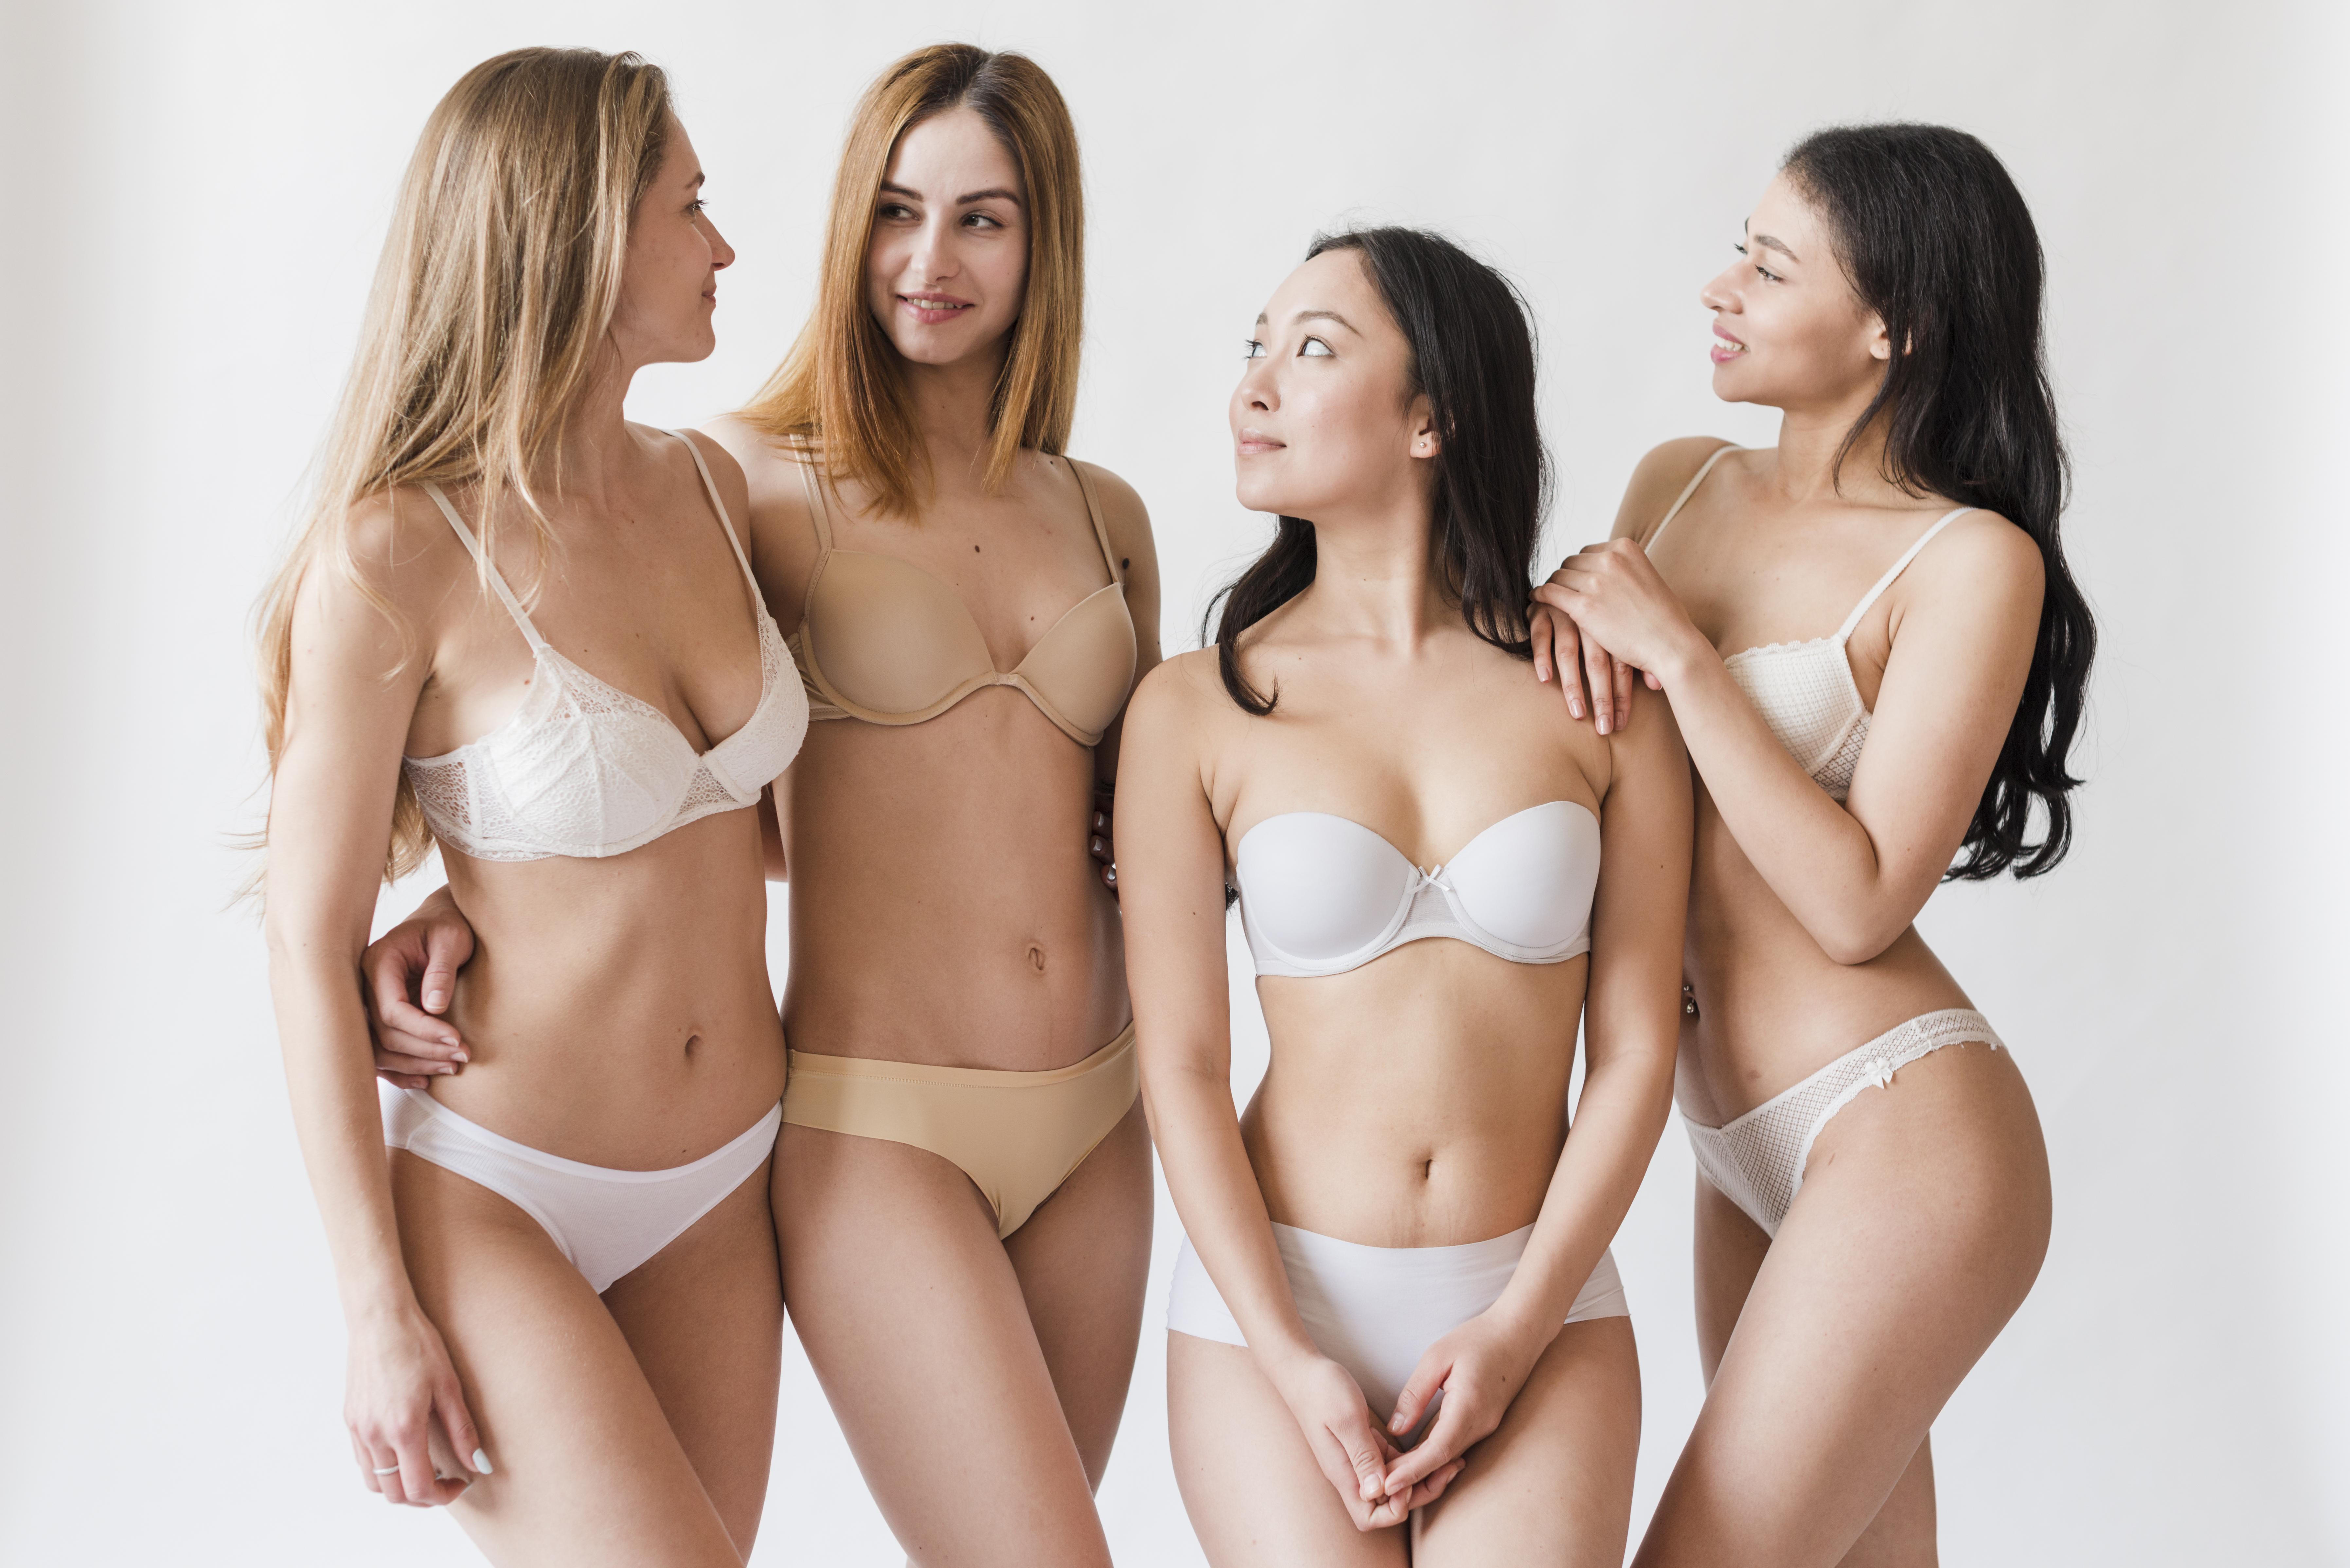 sous-vêtements féminis et lingerie féminine